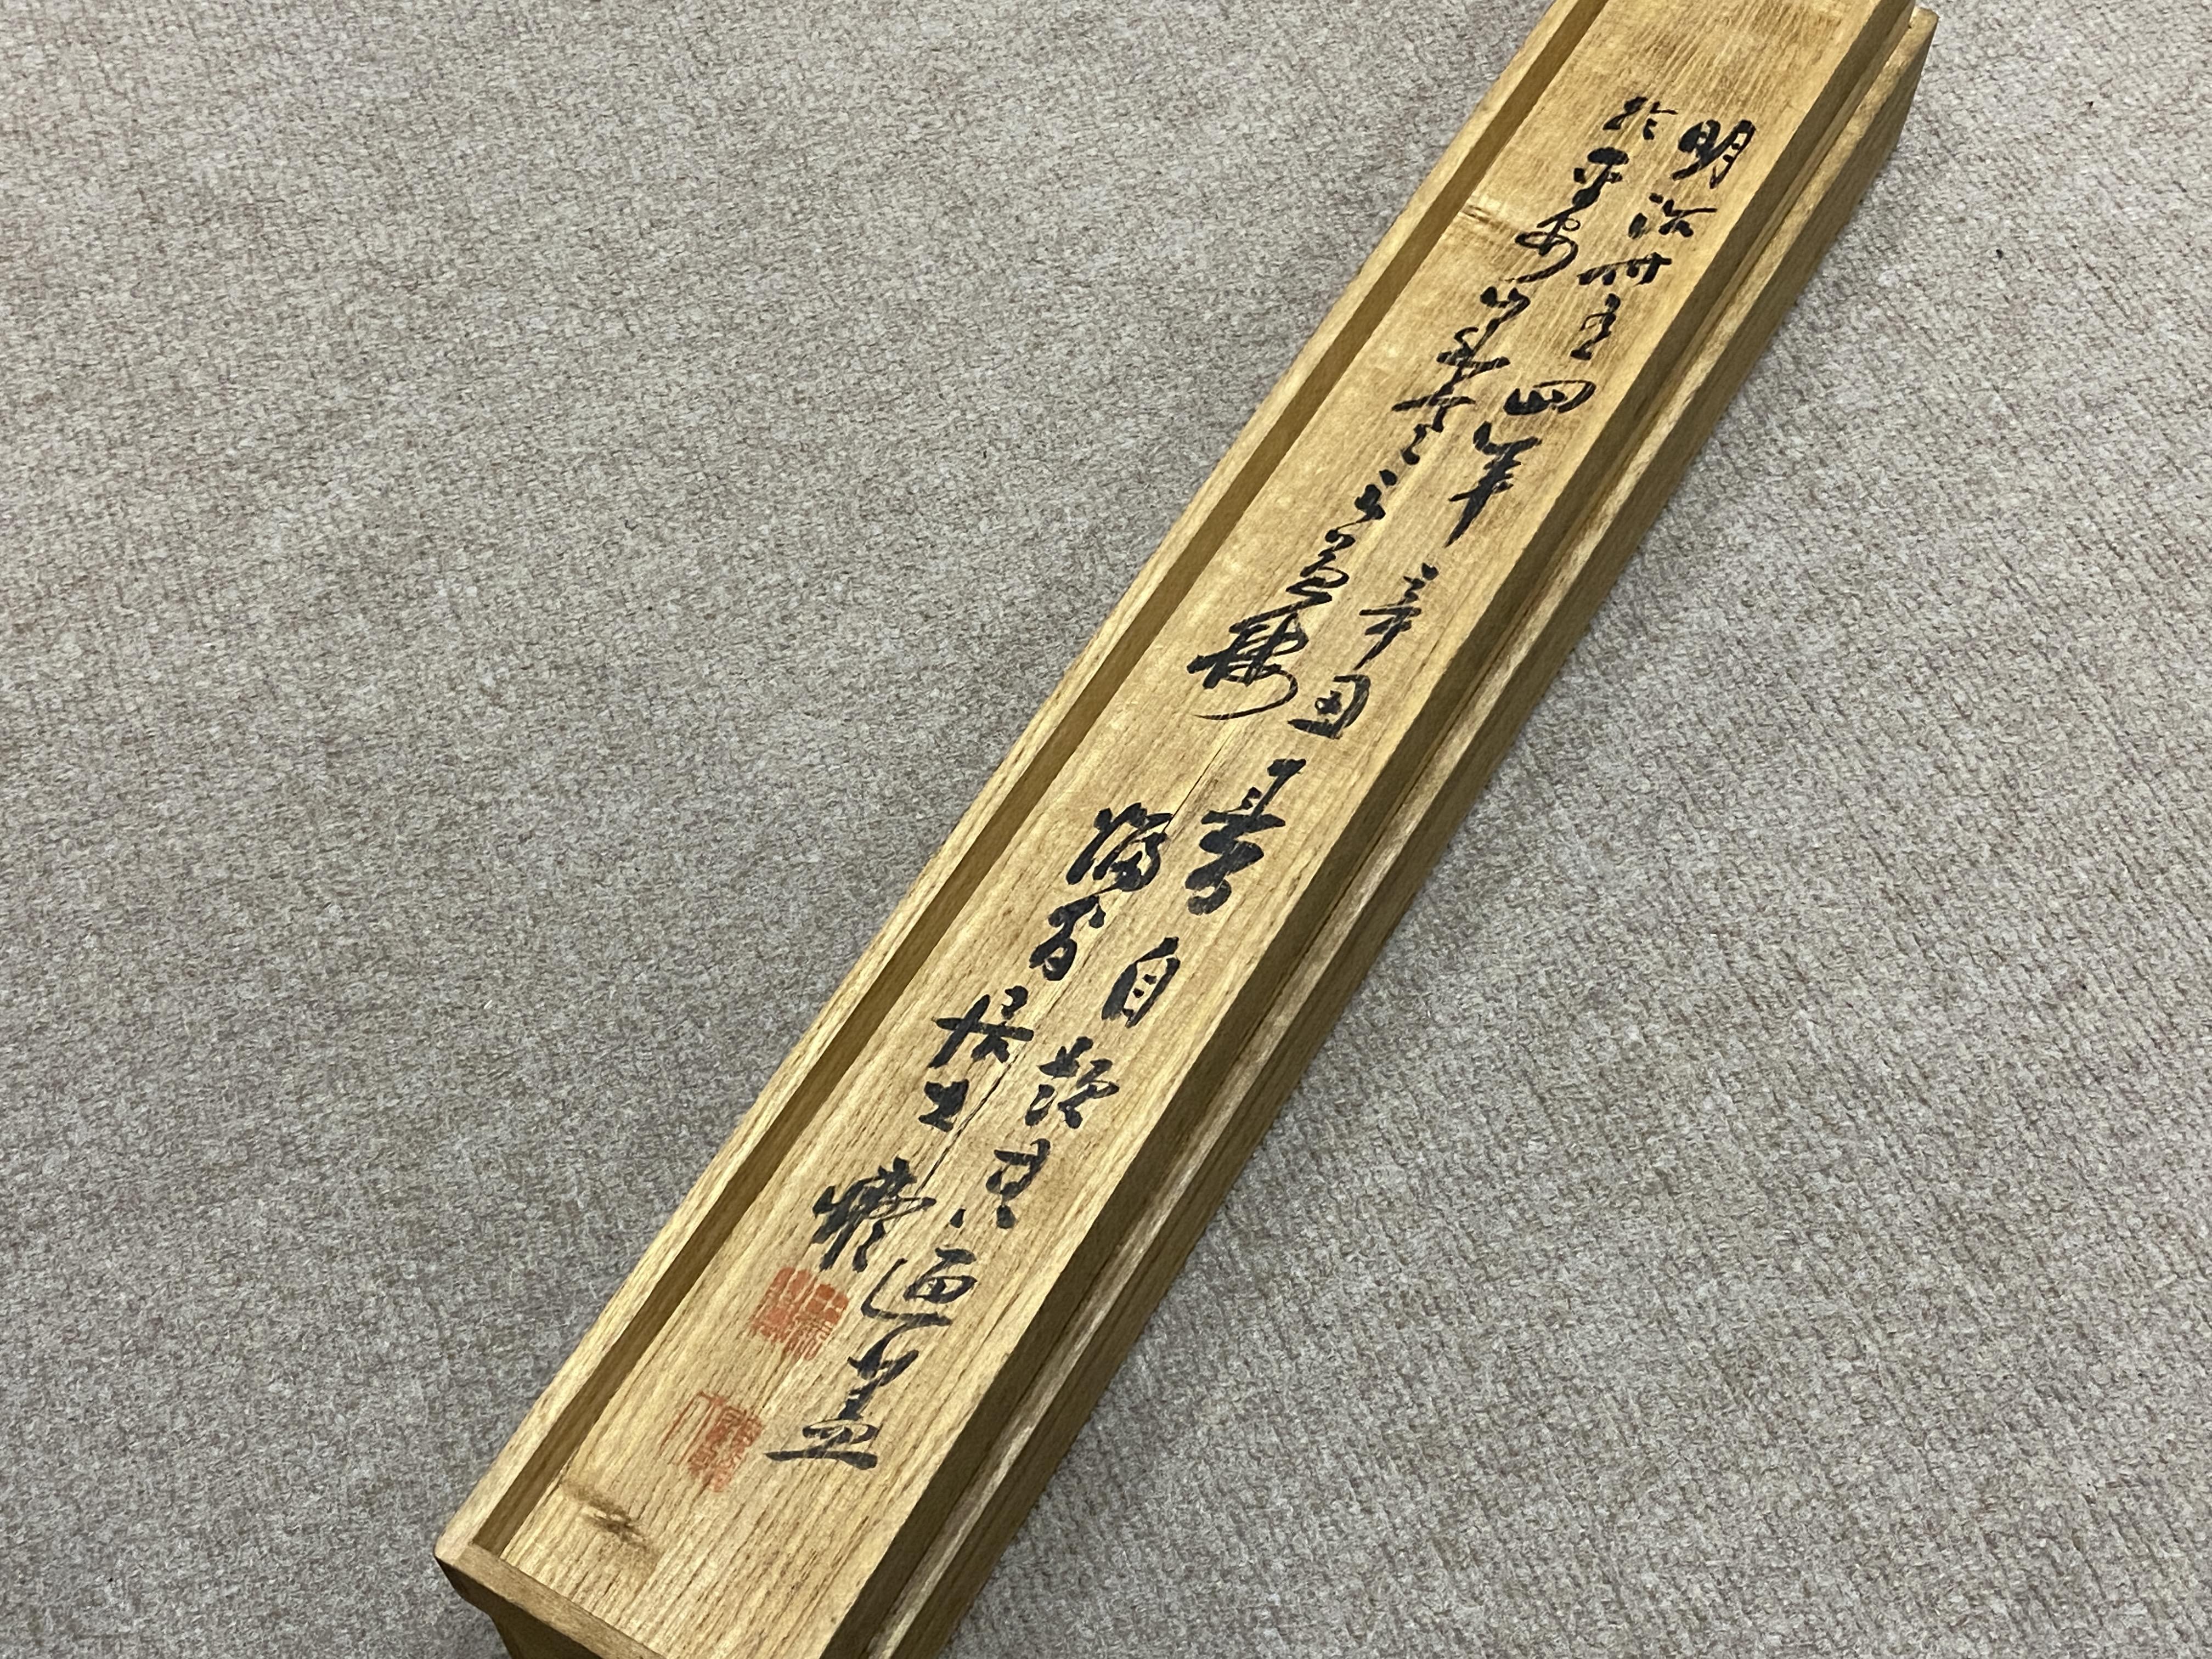 田能村直入 双寿斎眉図